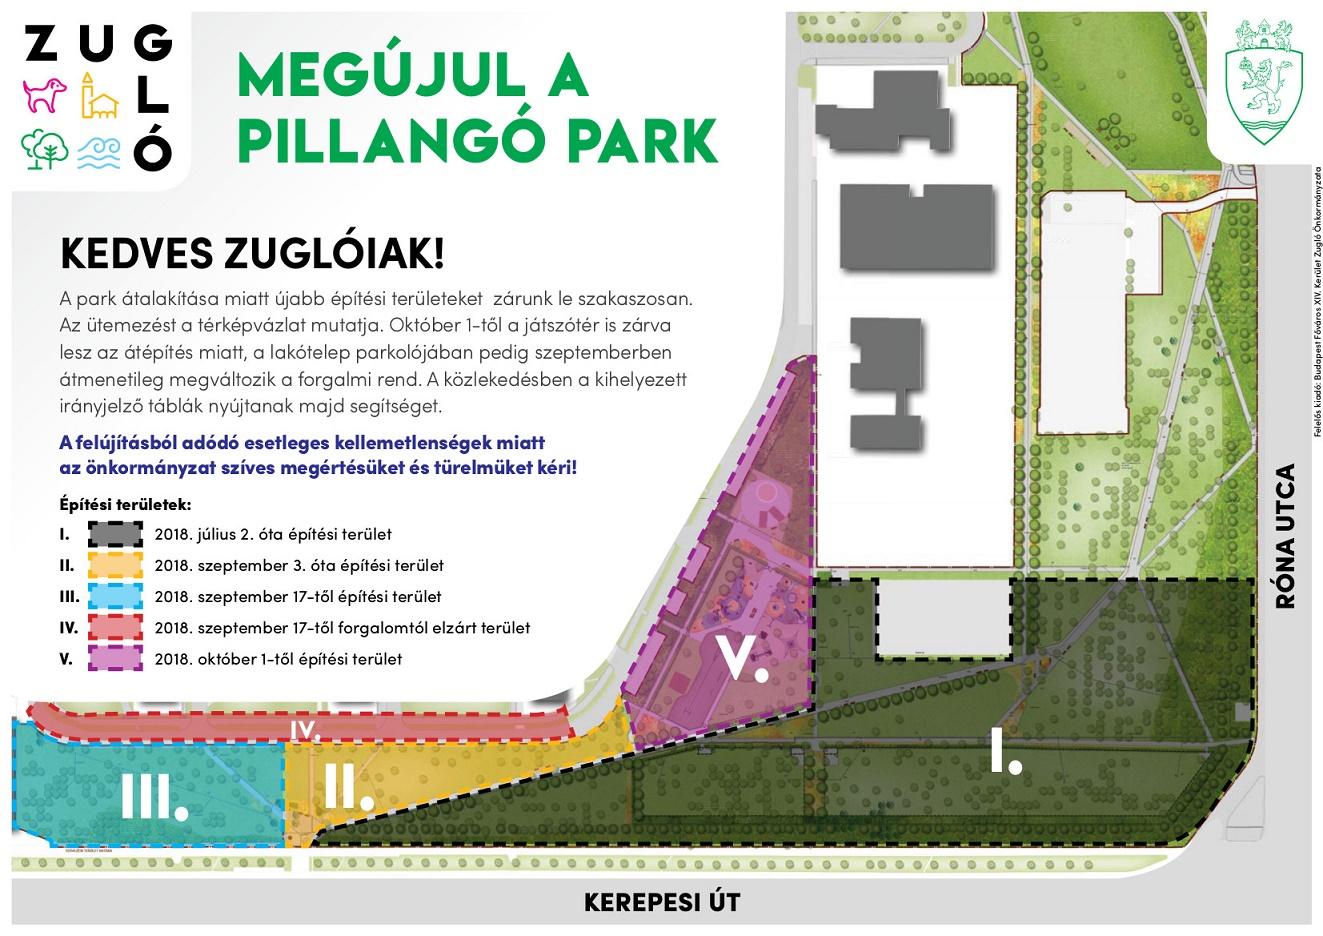 Megújul a Pillangó park – újabb építési területeket zárnak le